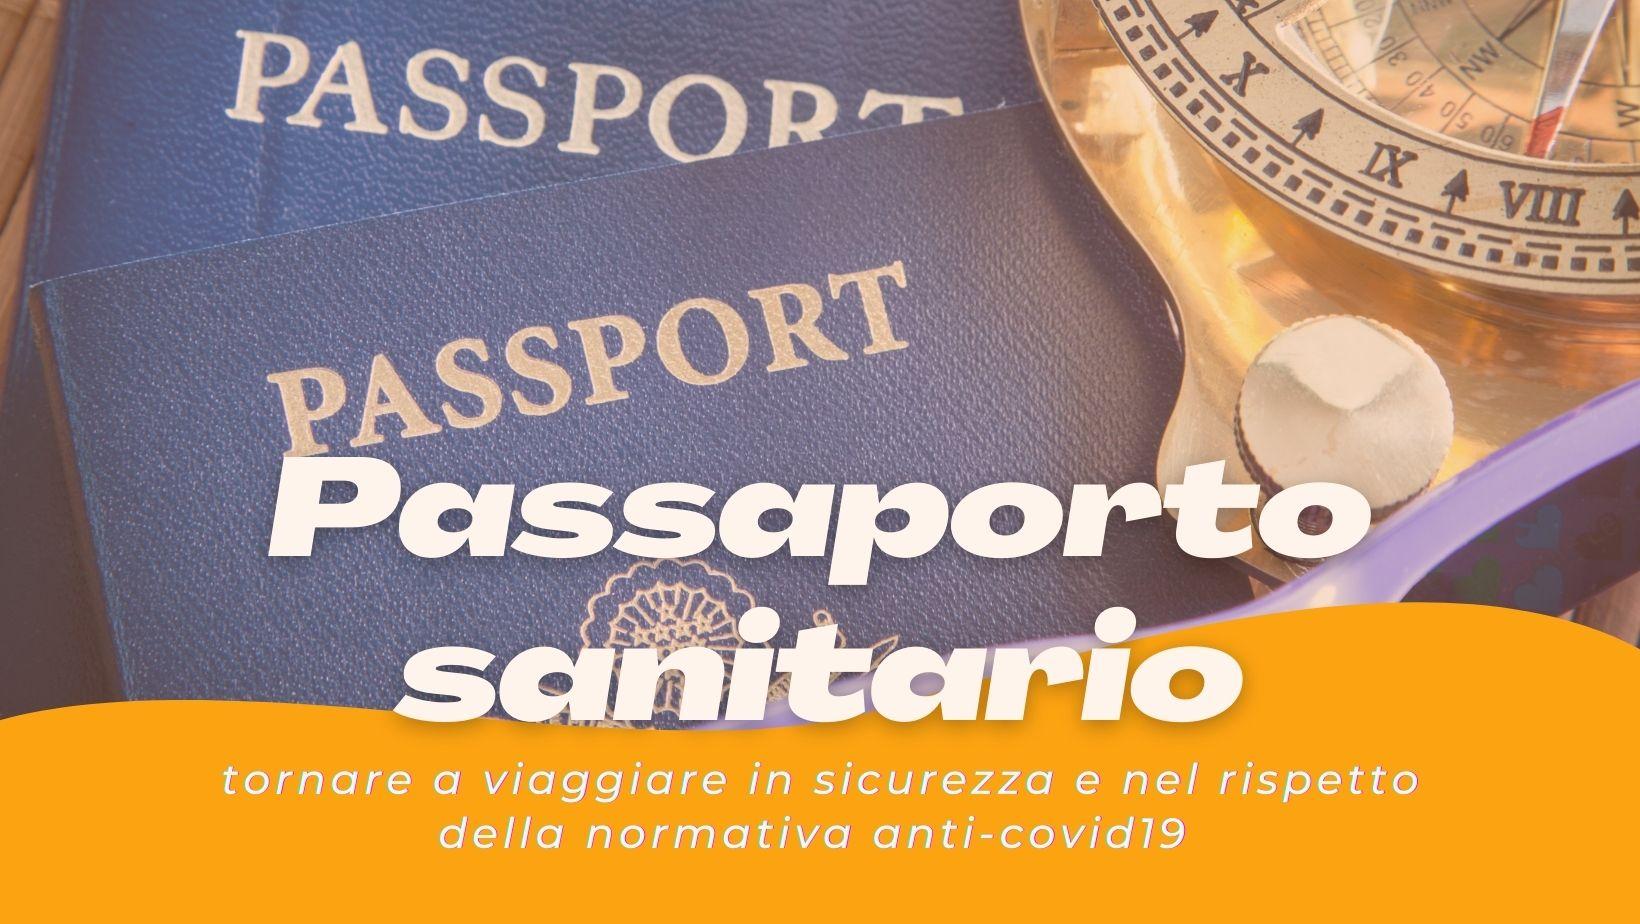 Passaporto sanitario: come tornare a viaggiare?